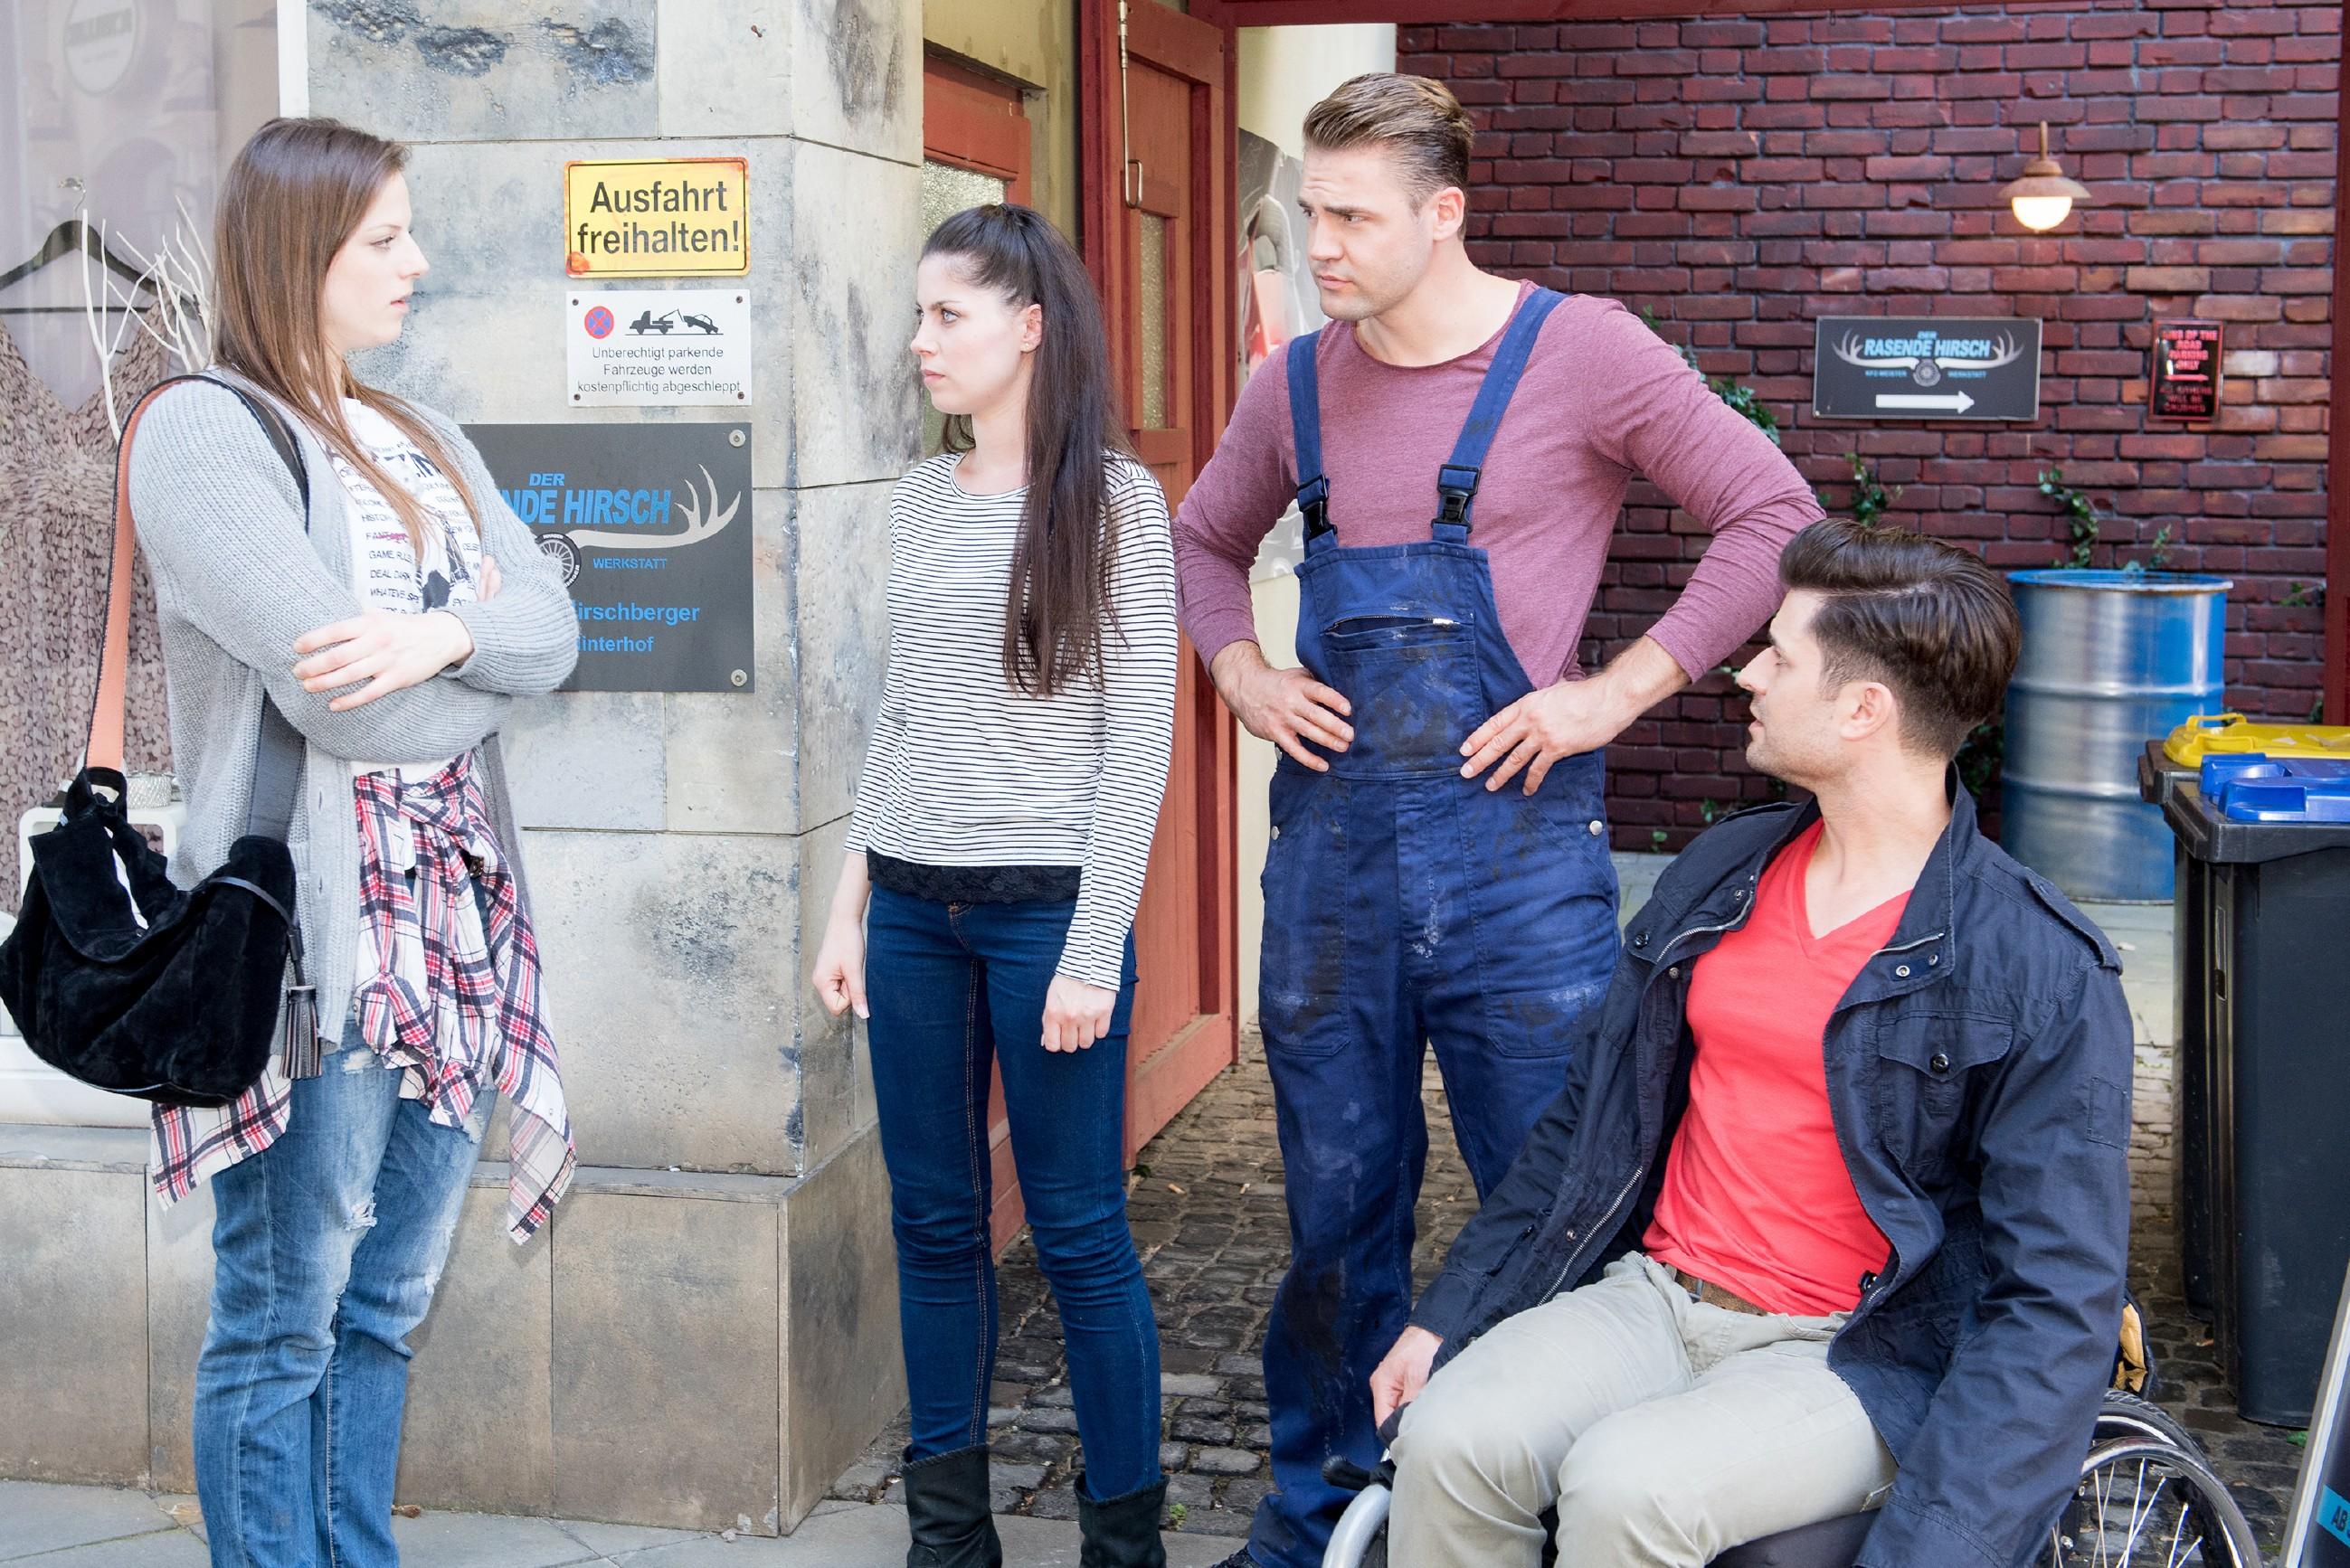 Sina (Valea Katharina Scalabrino, 2.v.l.) ist gekränkt, als Elli (Nora Koppen) ihr im Beisein von Bambi (Benjamin Heinrich, 2.v.r.) und Paco (Milos Vukovic) weiterhin die kalte Schulter zeigt. (Quelle: RTL / Stefan Behrens)